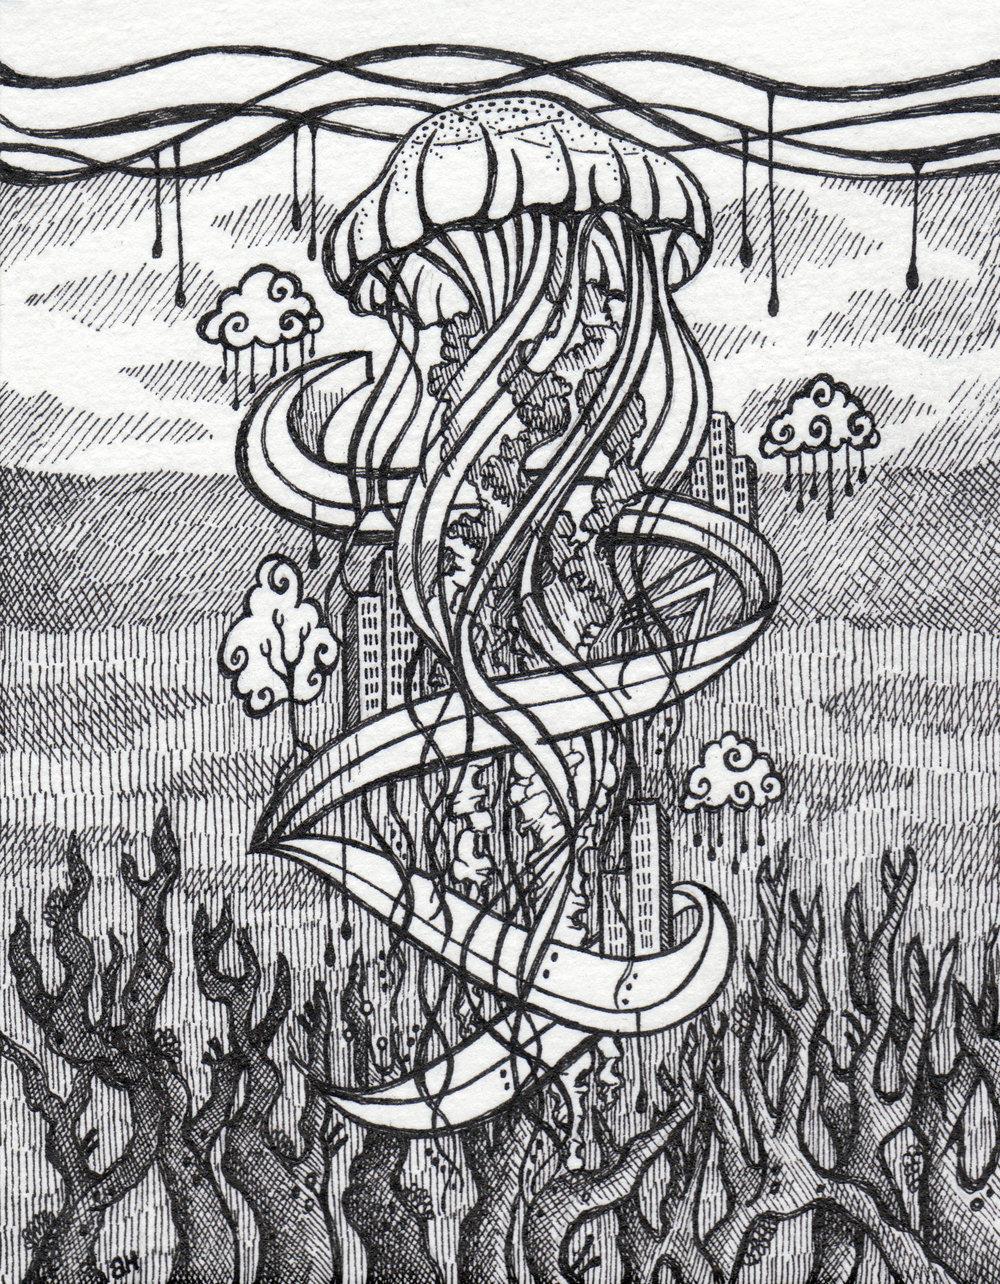 09_JellyfishCity_inkedfaithart.jpg